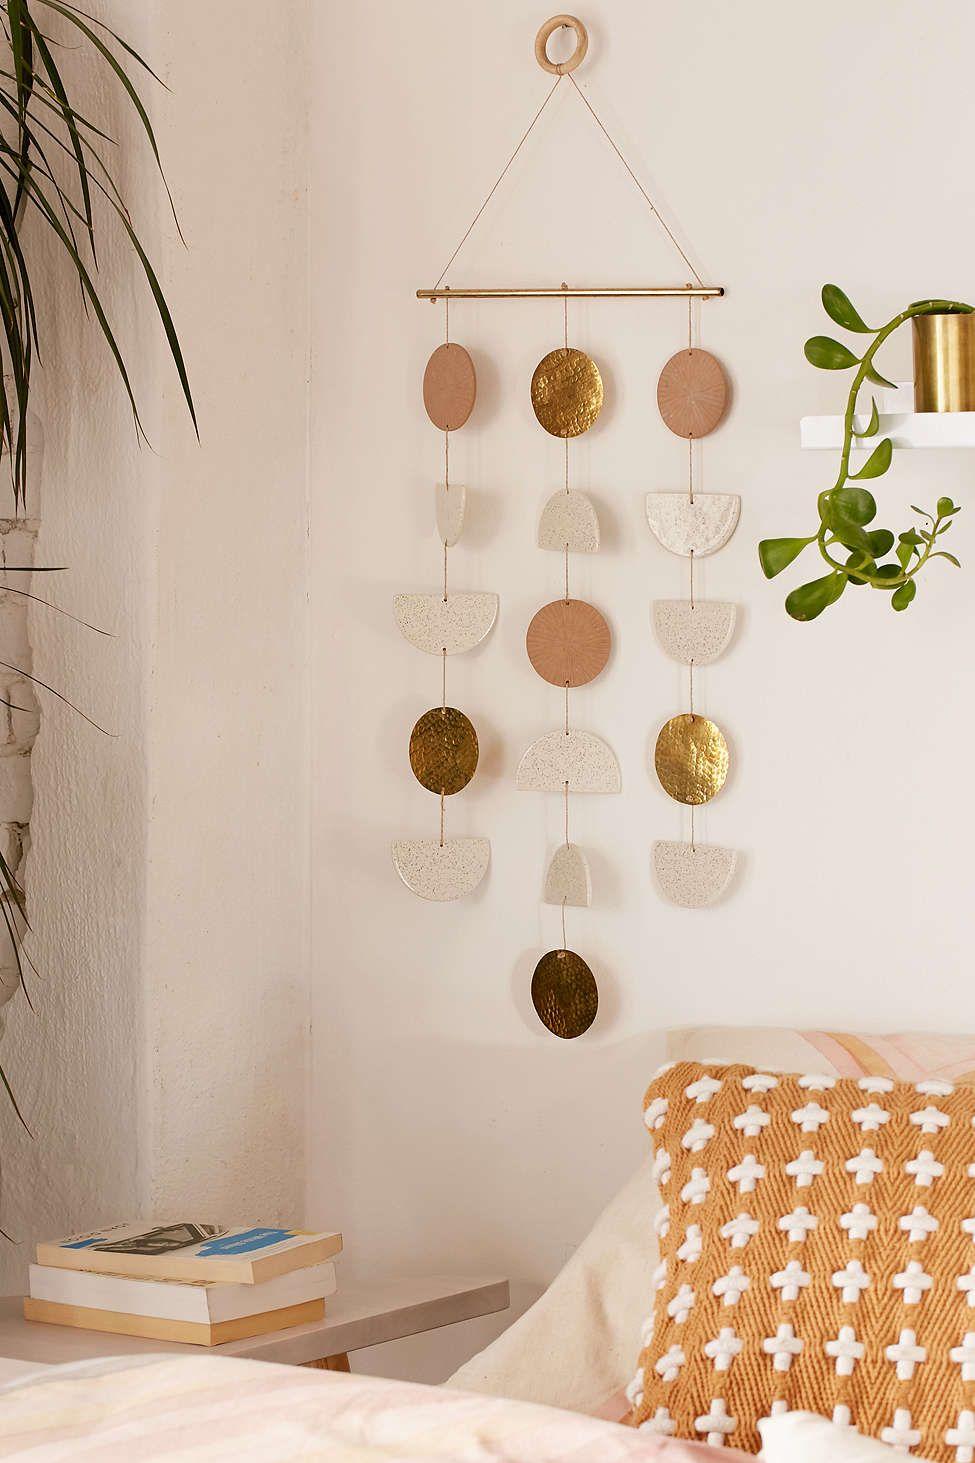 Zoe Wall Hanging Home Diy Room Decor Diy Wall